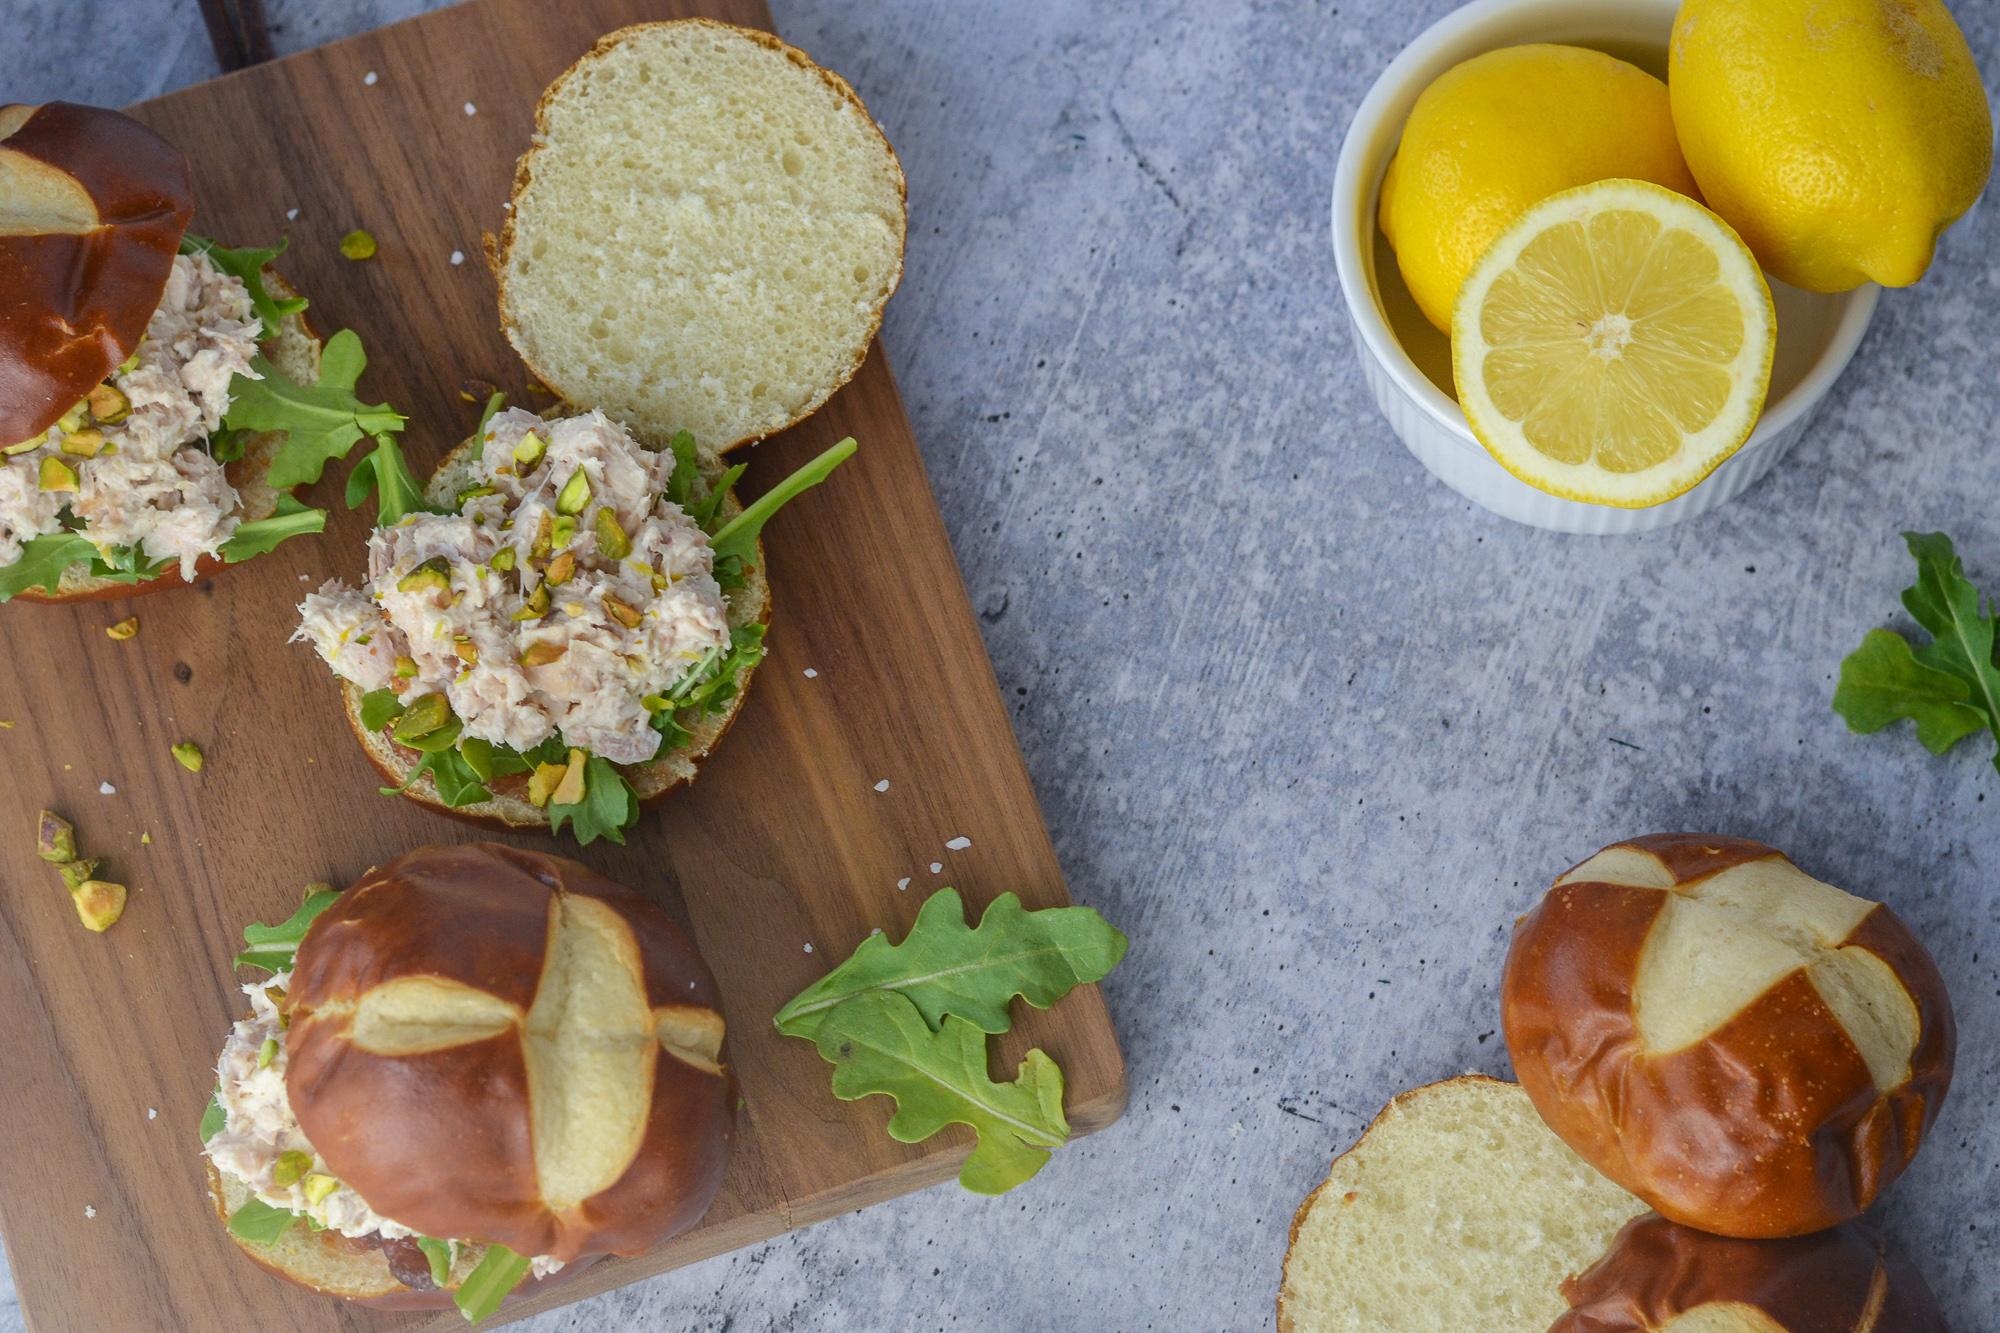 Brunch ready Fig, Lemon and Chicken Salad Sliders | BySarahRae.com